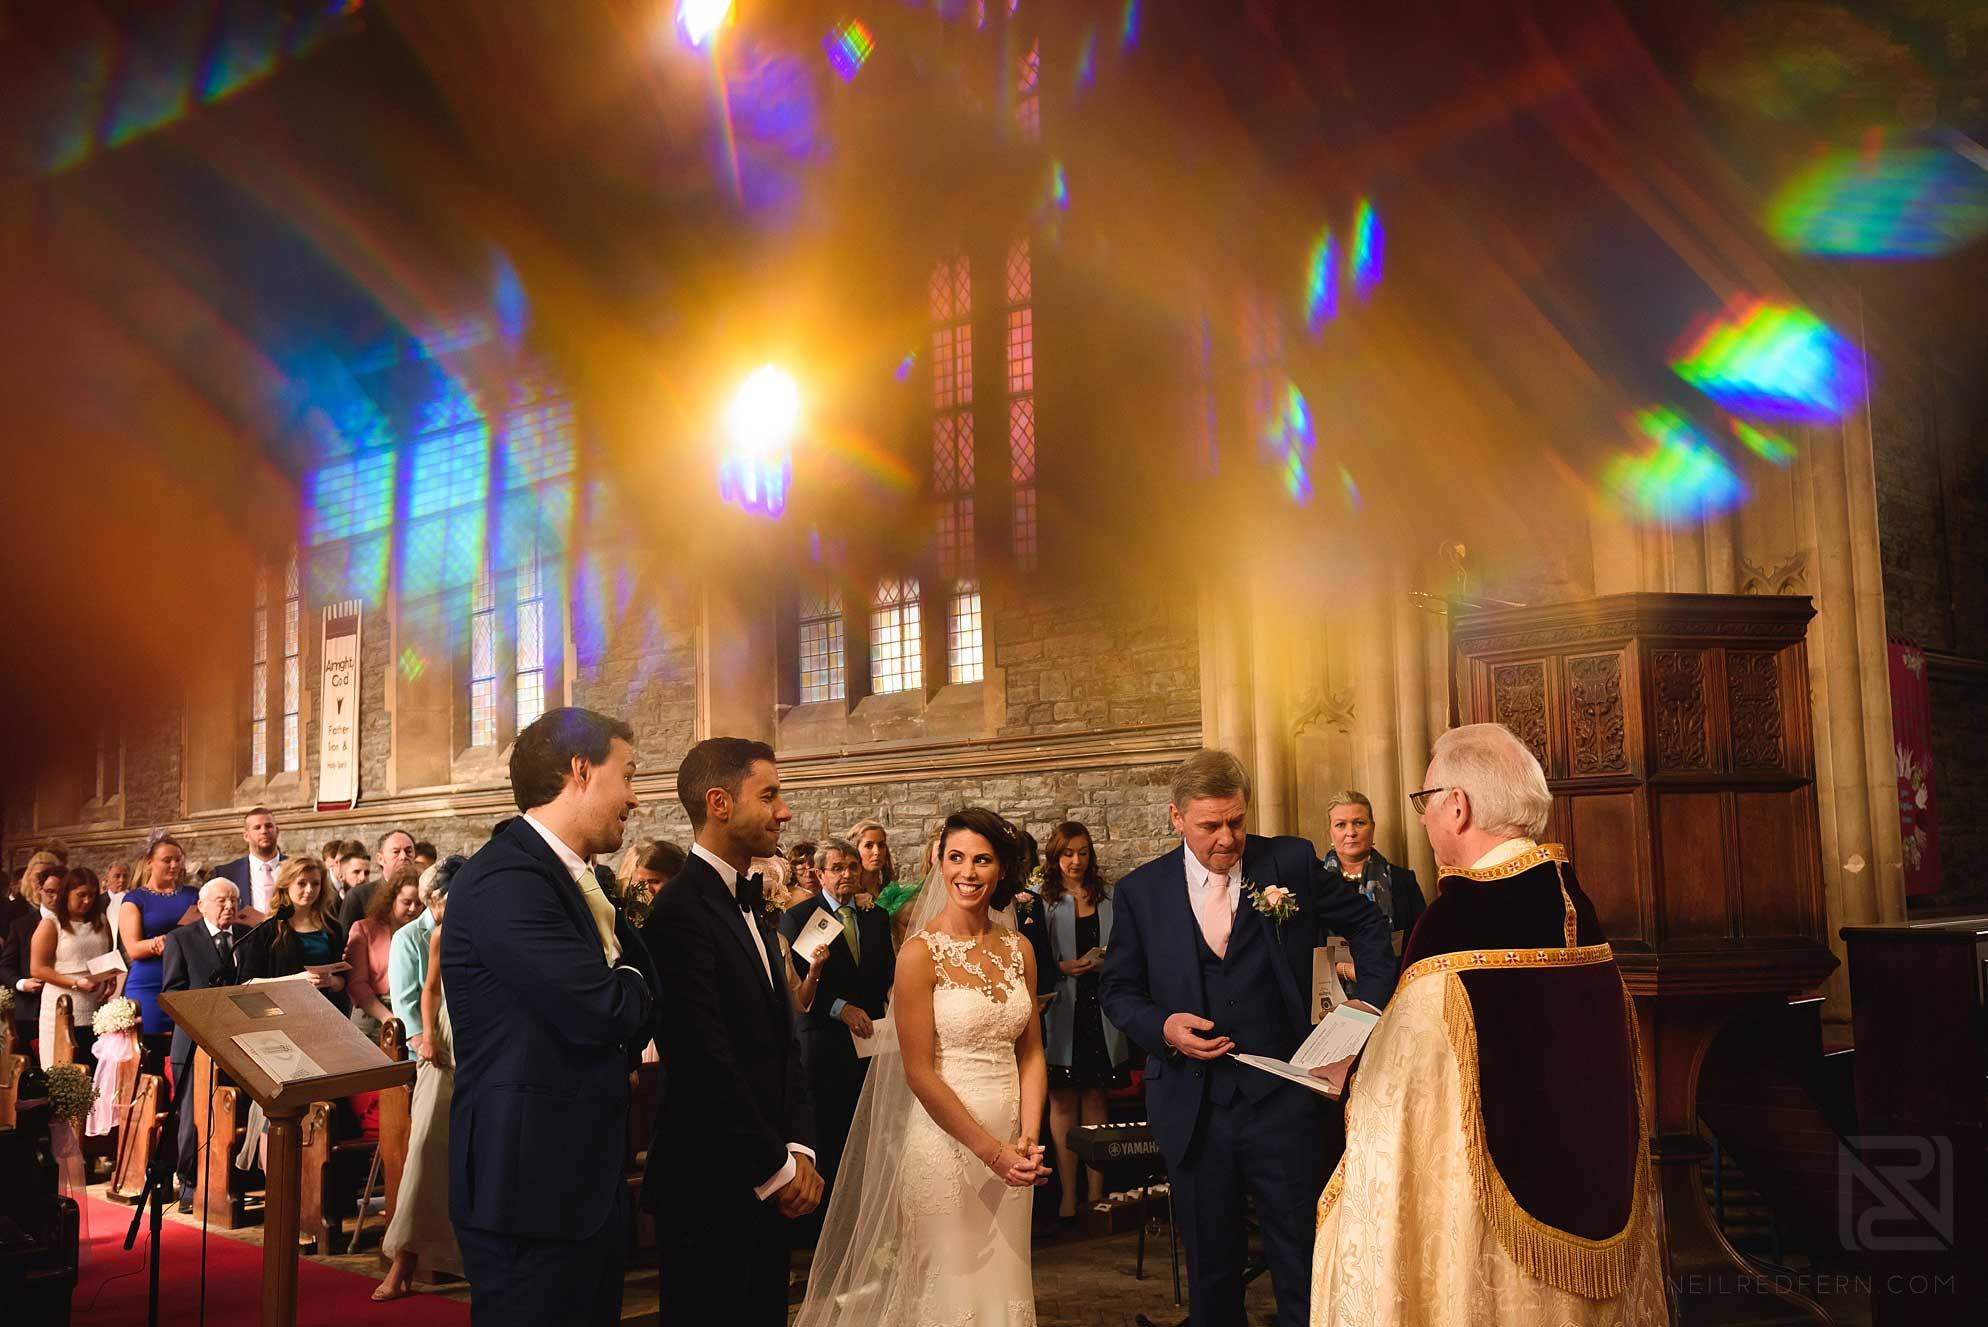 Nanteos-Mansion-wedding-photographs-21